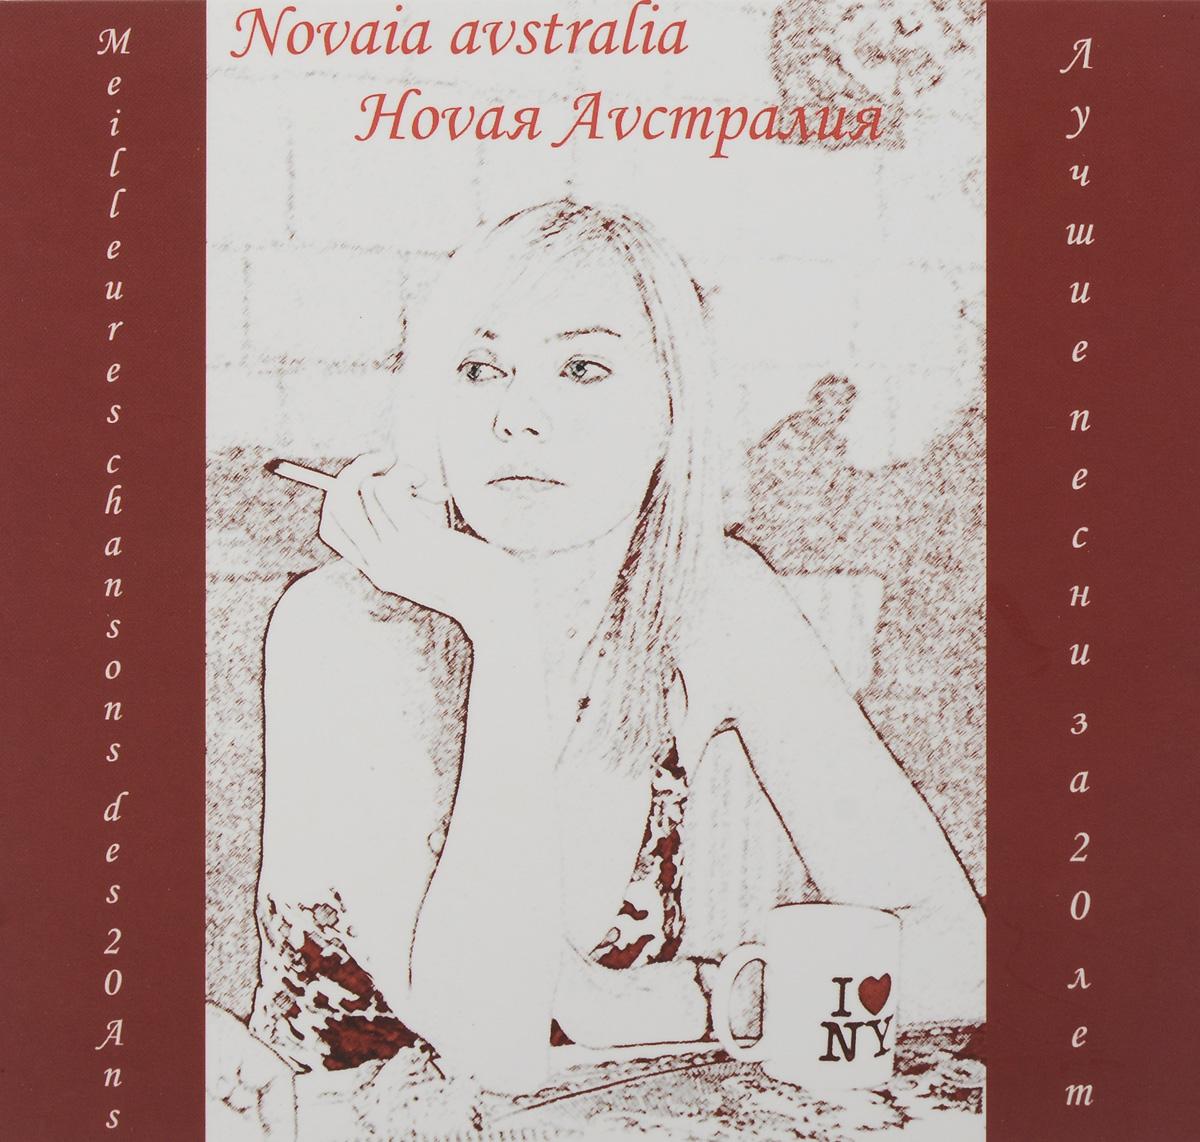 На упаковке содержатся фотографии и дополнительная информация на русском языке.